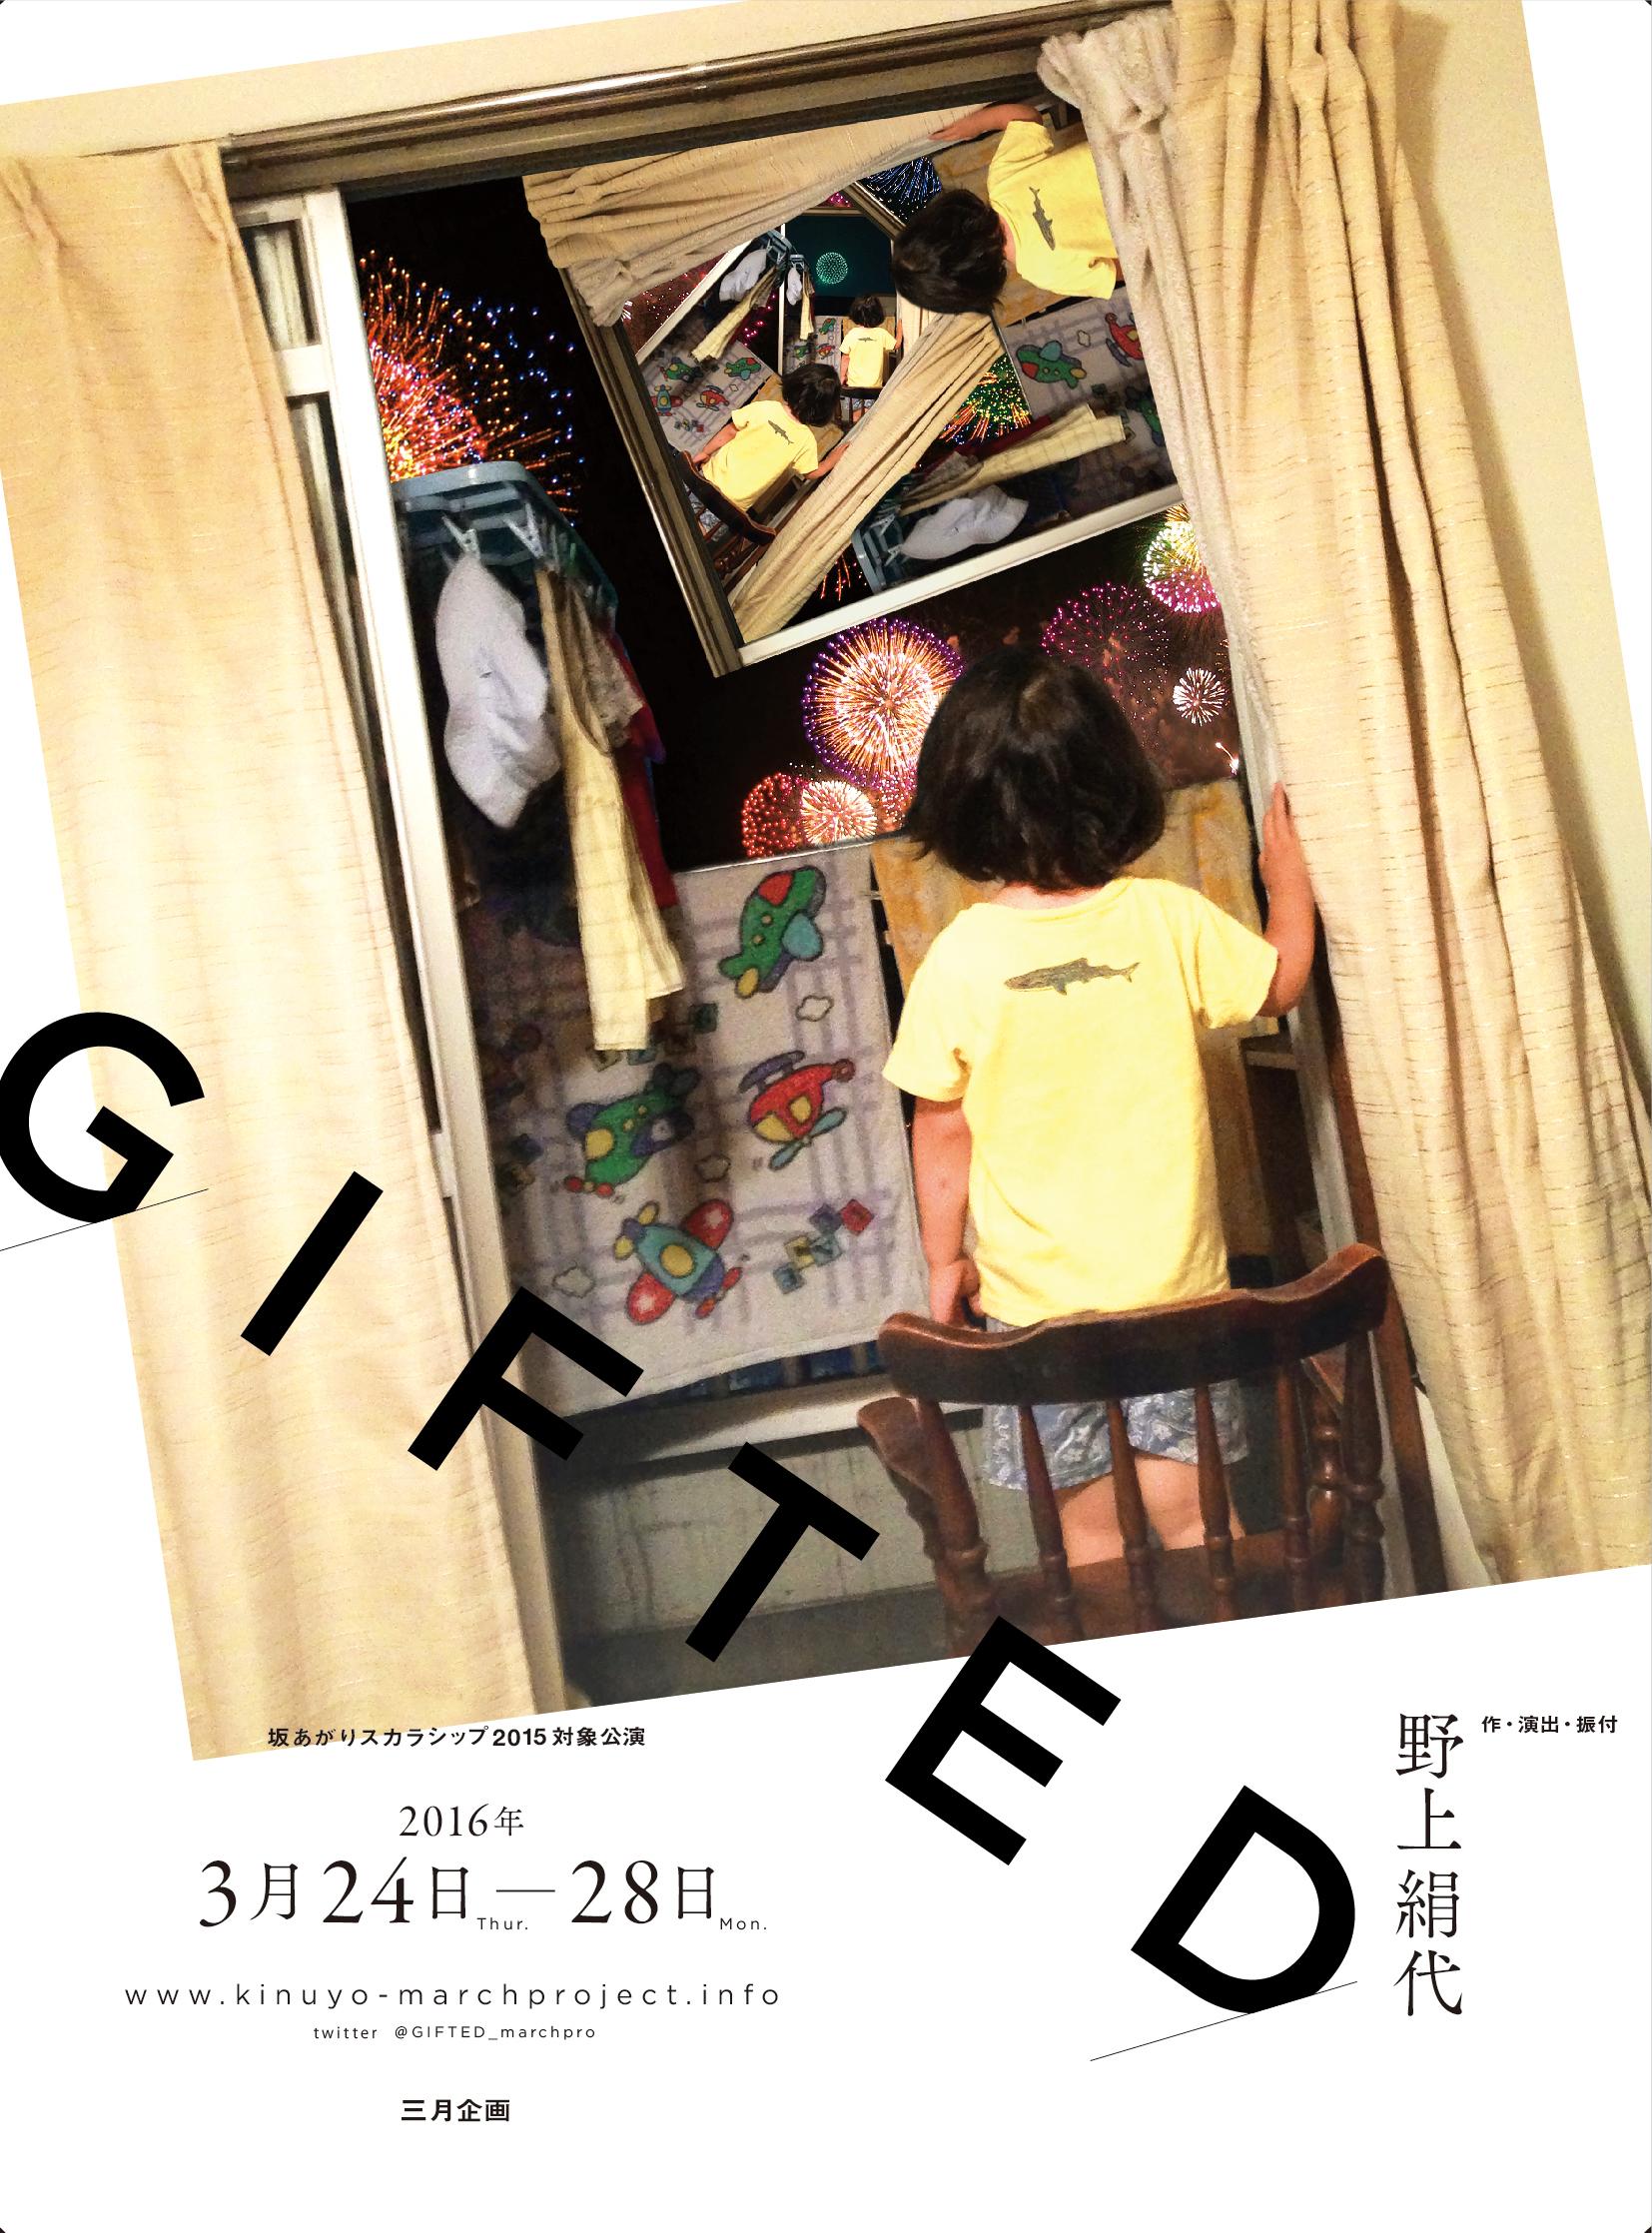 坂あがりスカラシップ対象公演 三月企画『GIFTED』